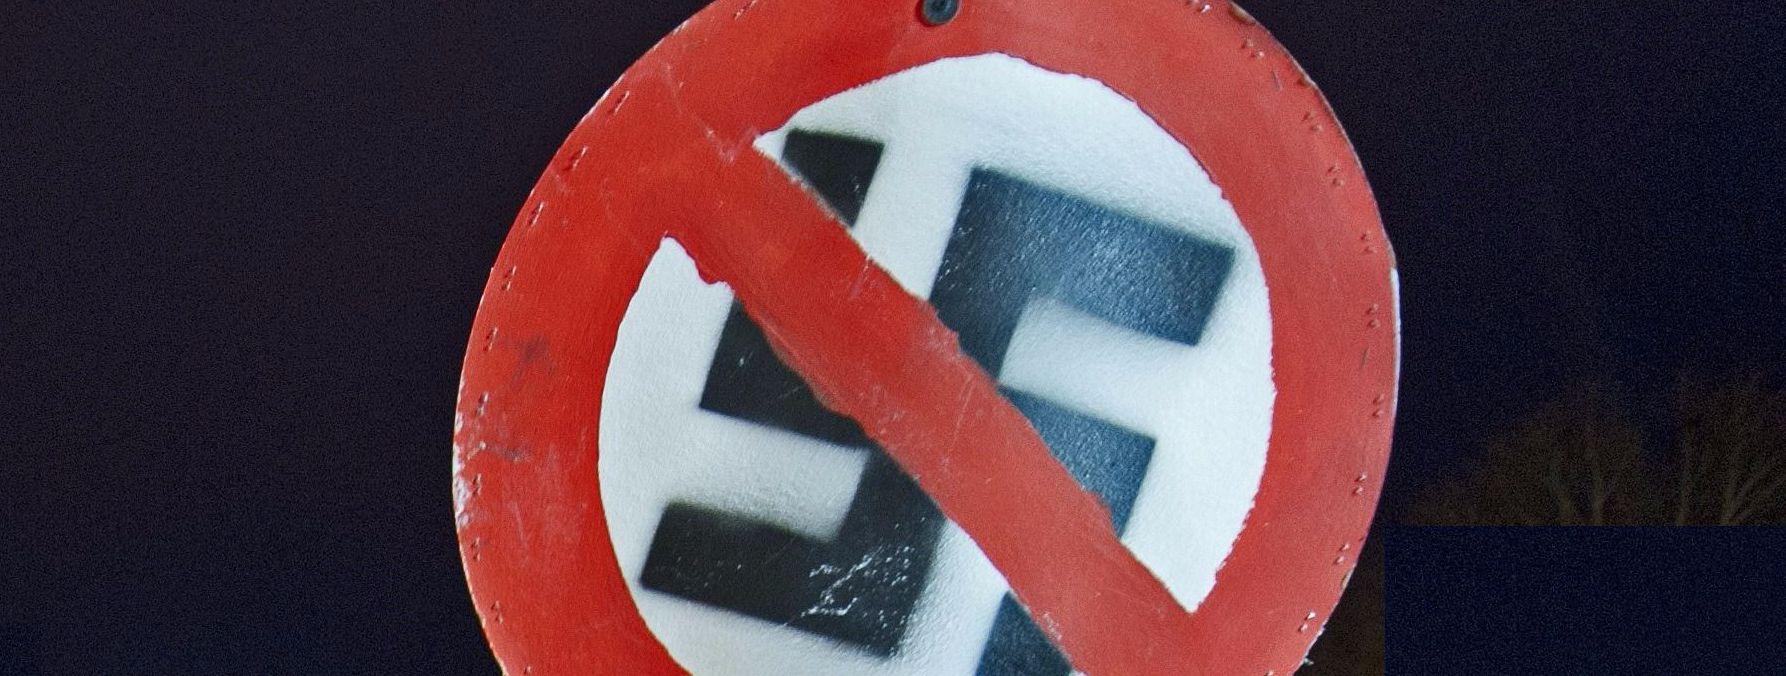 Swastika found on man's truck in Denver